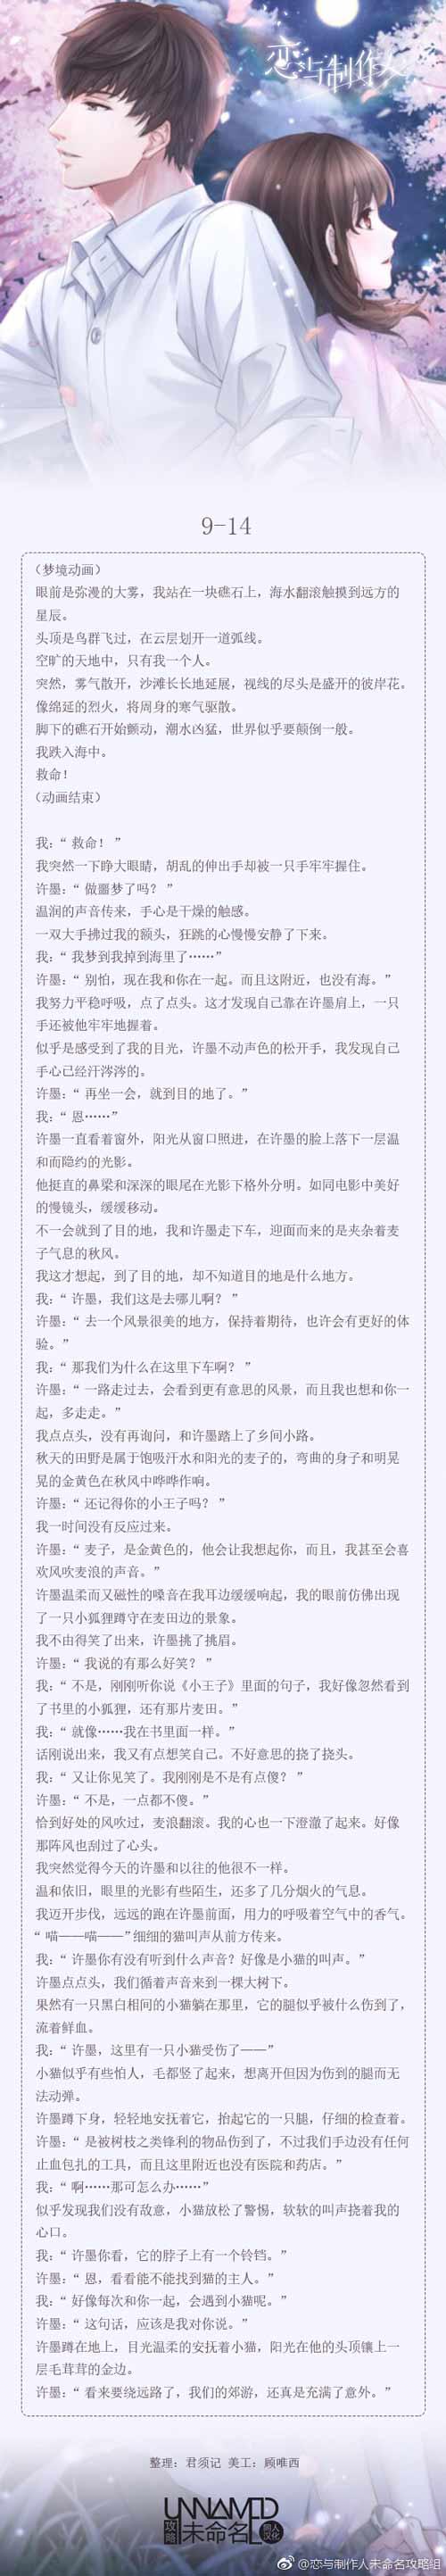 恋与制作人9-14剧情 恋与制作人第九章剧情